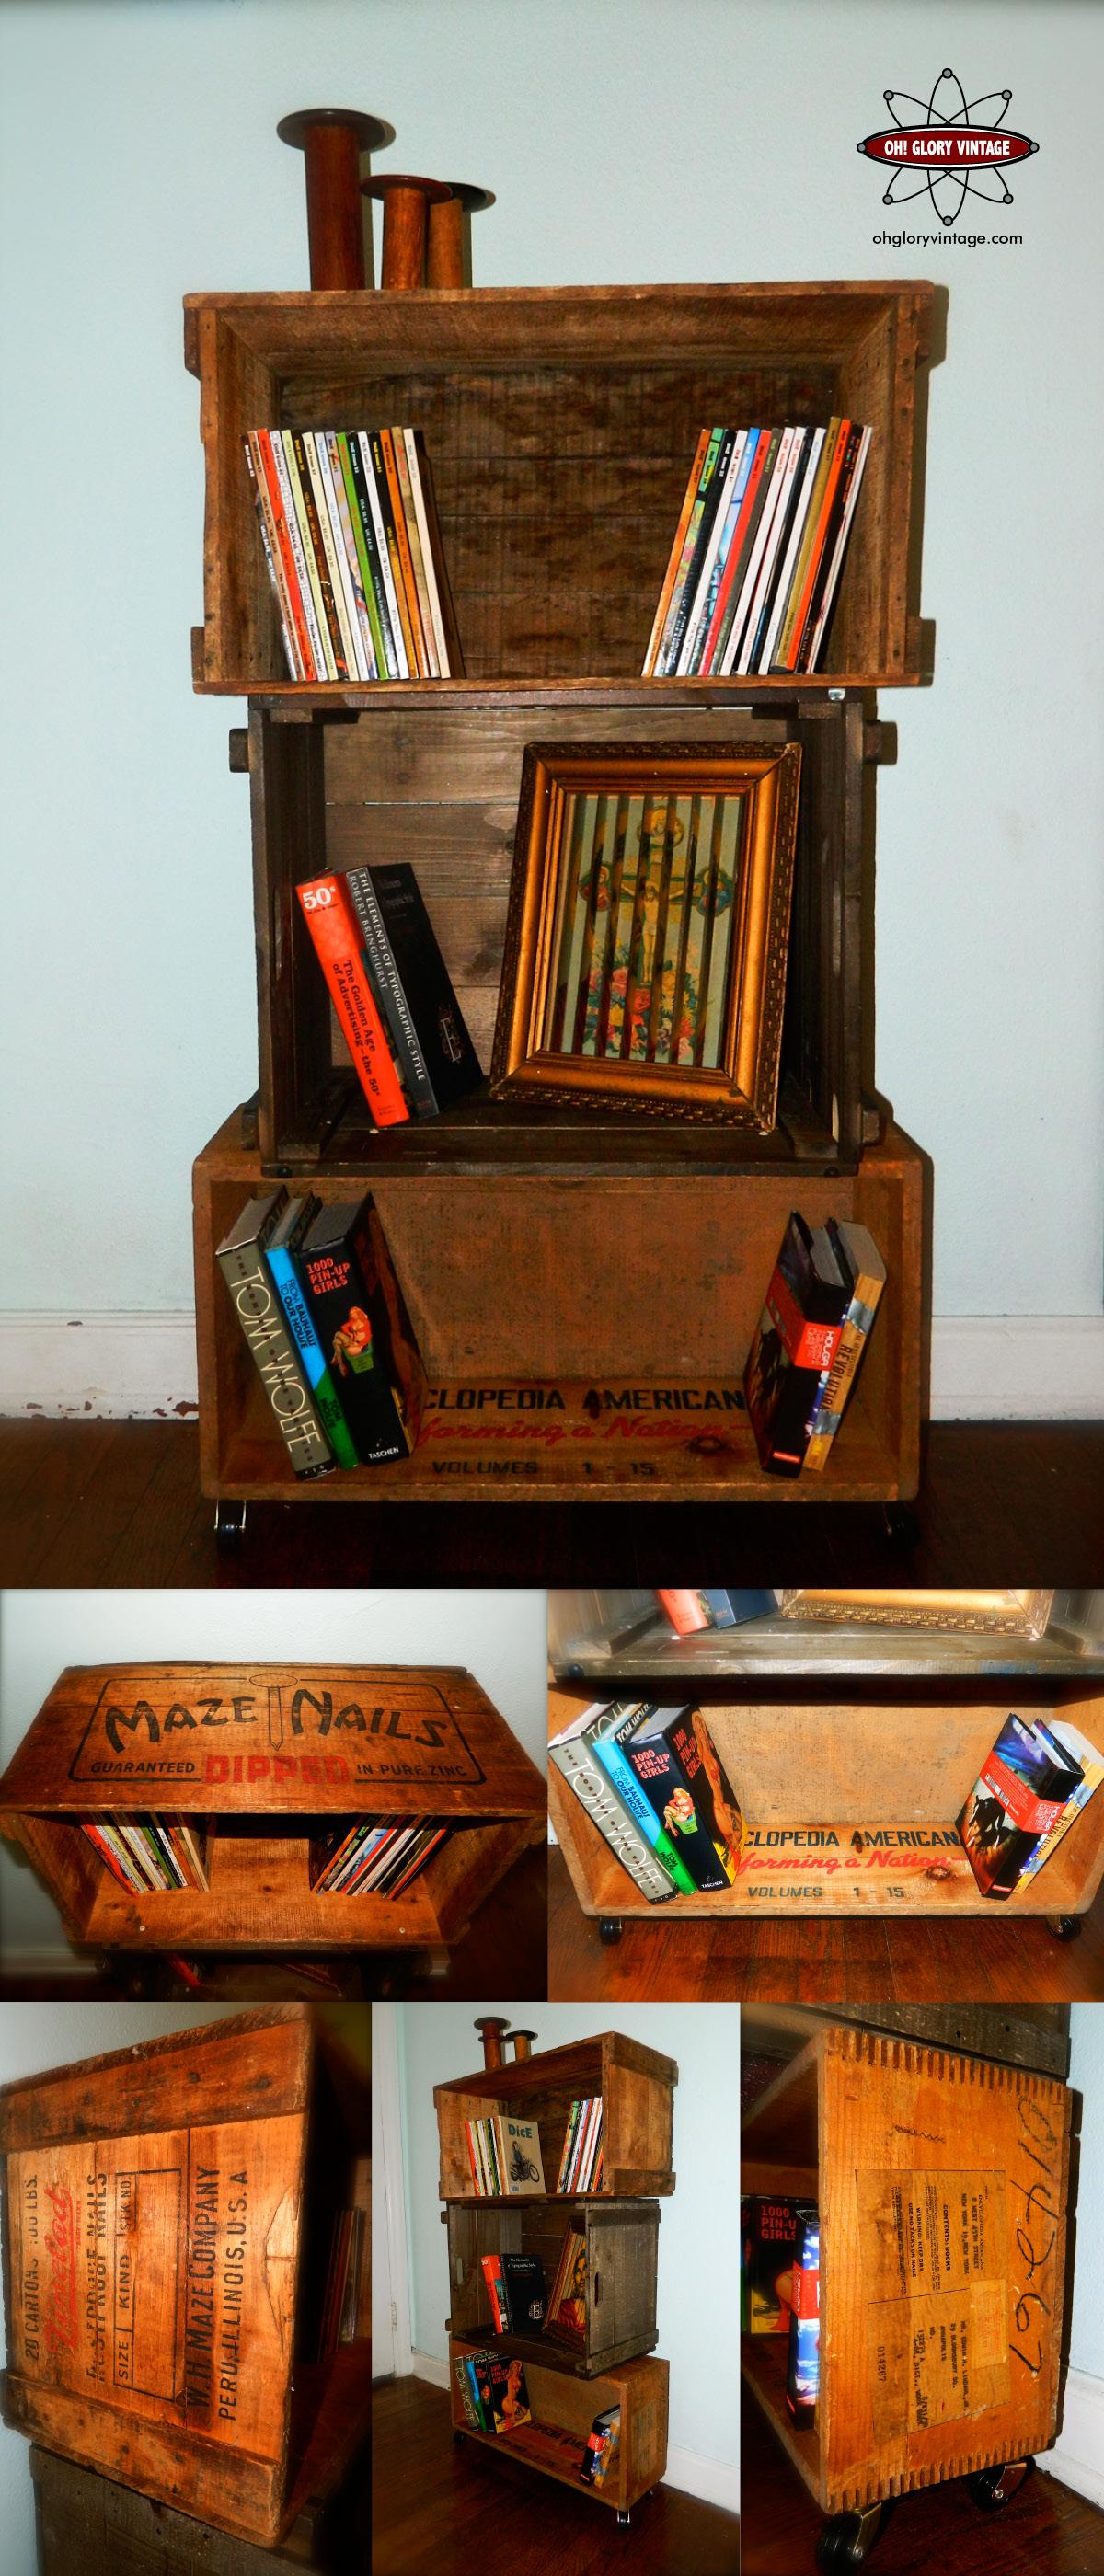 wood crate shelves oh glory vintage vintage clothing. Black Bedroom Furniture Sets. Home Design Ideas